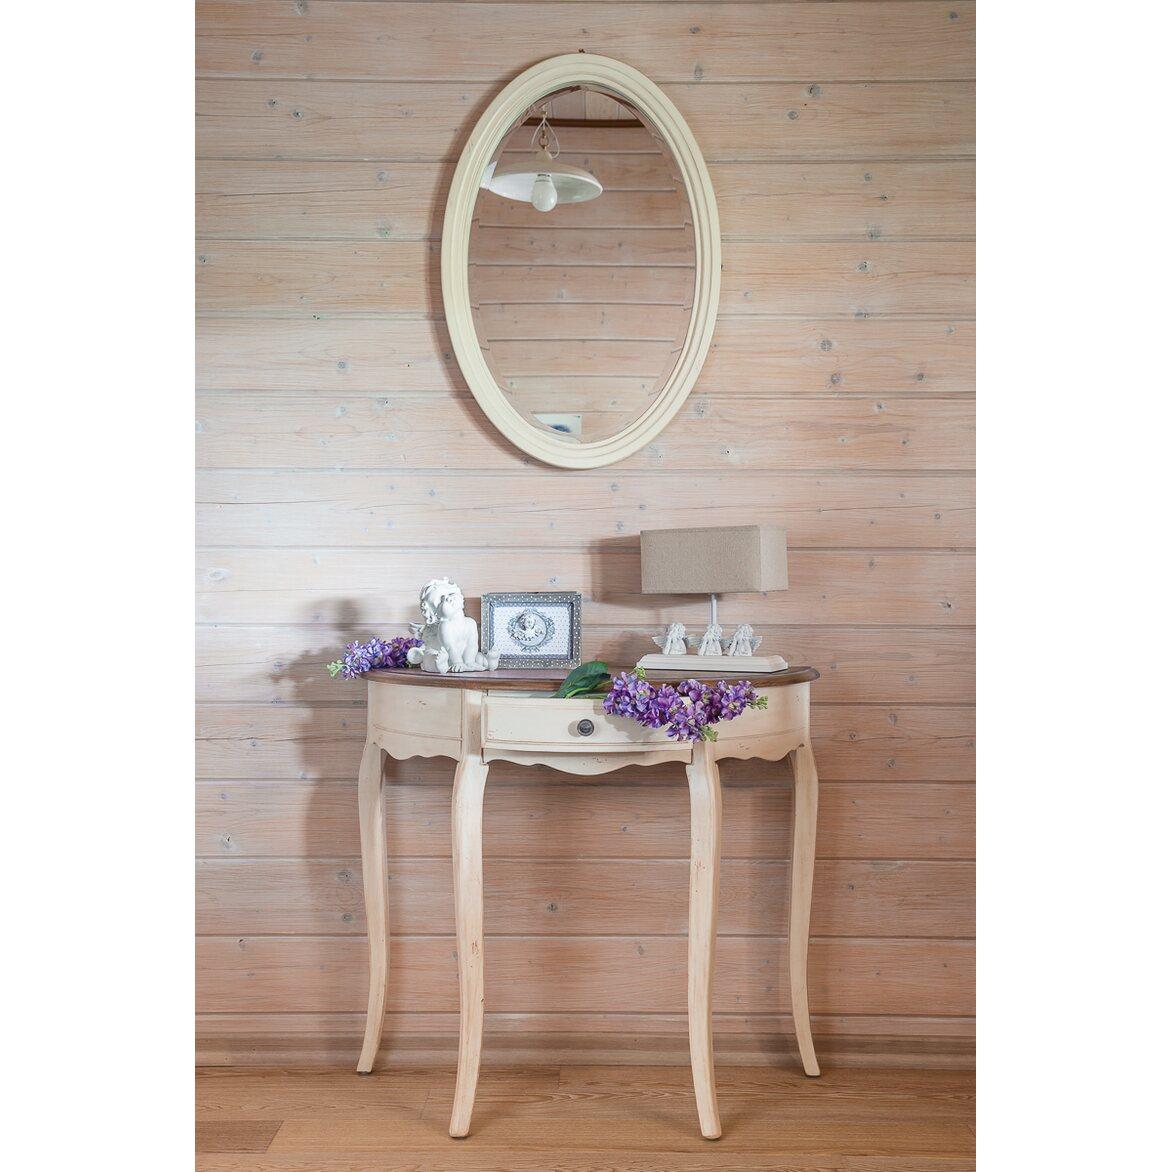 Овальное зеркало Leontina, бежевого цвета 2 | Настенные зеркала Kingsby